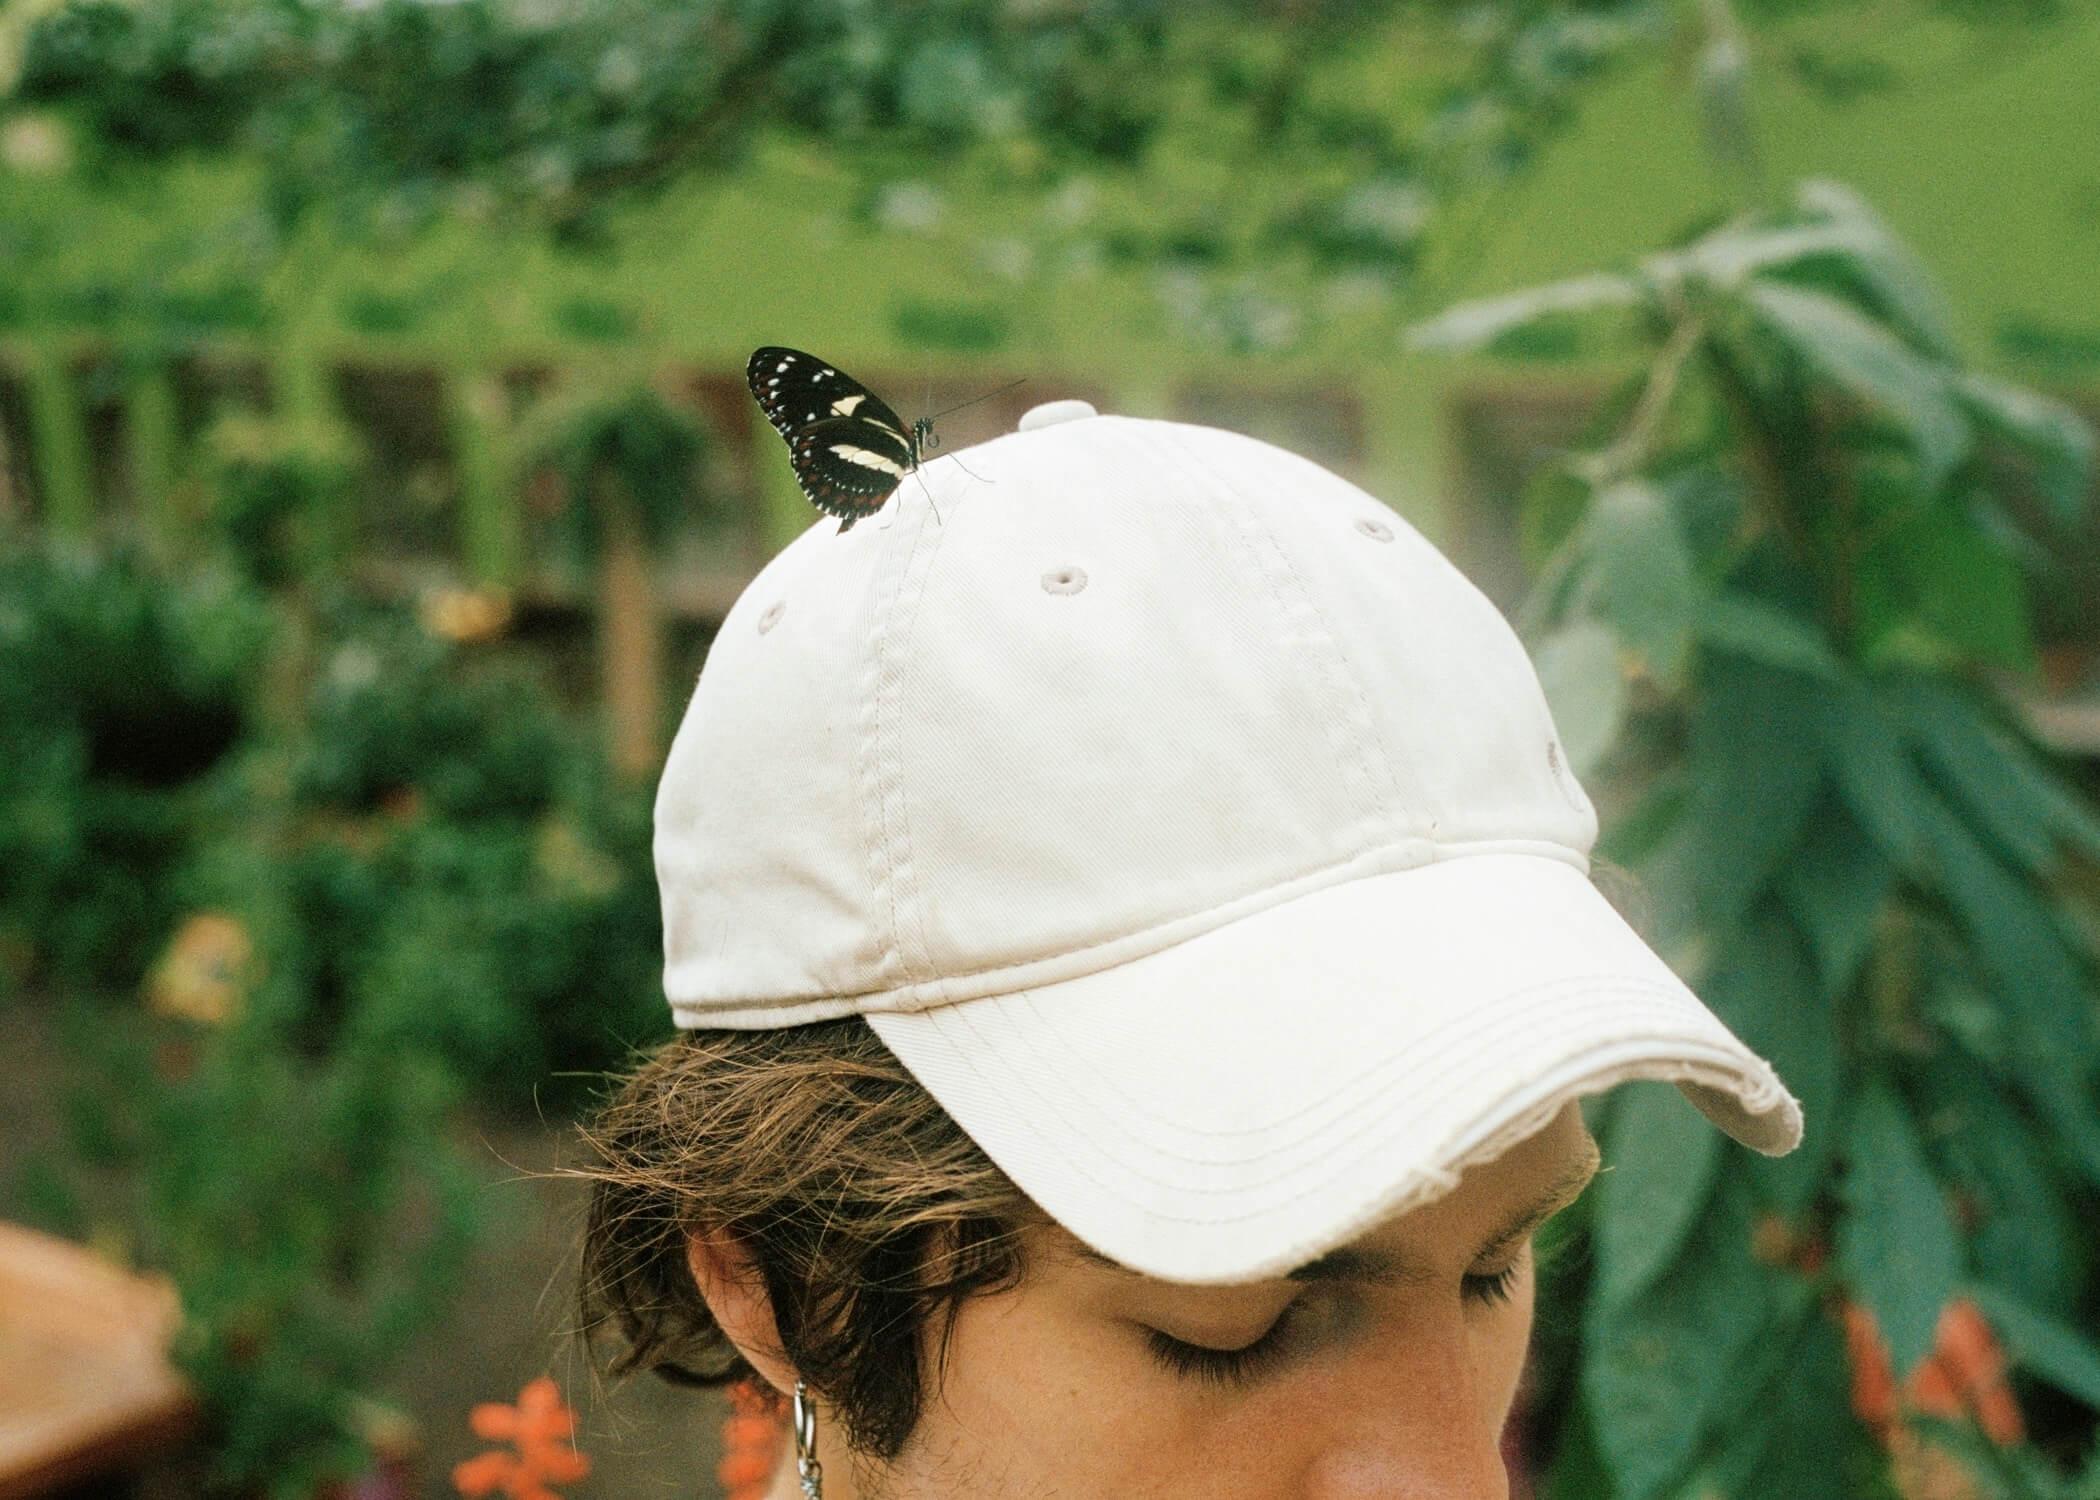 Skaidrė Rudokaitė - Ambivalence butterfly sat on women hat